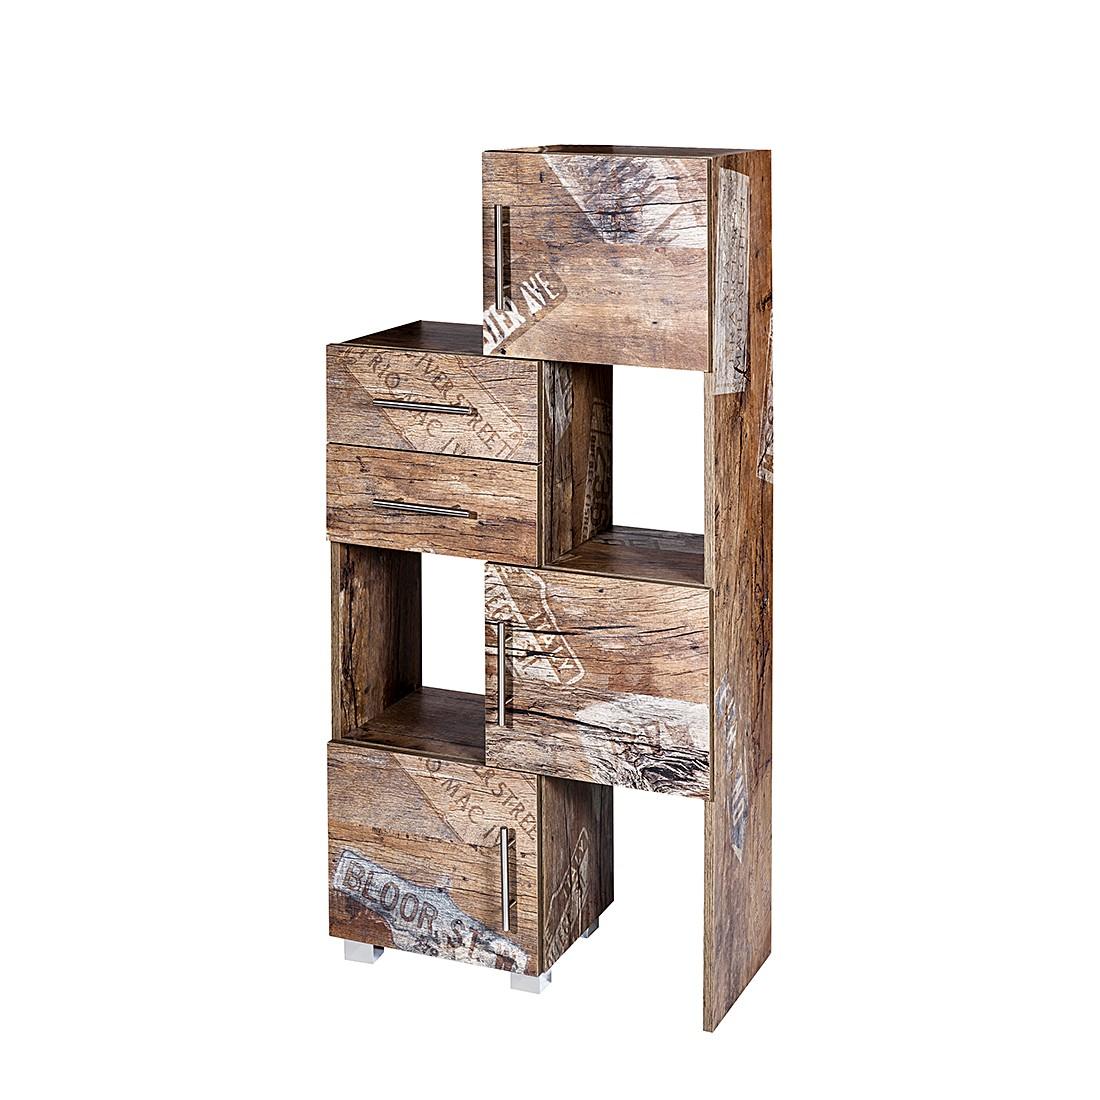 Mobile scomponibile Smilla II - Effetto legno di quercia Panama, Schildmeyer